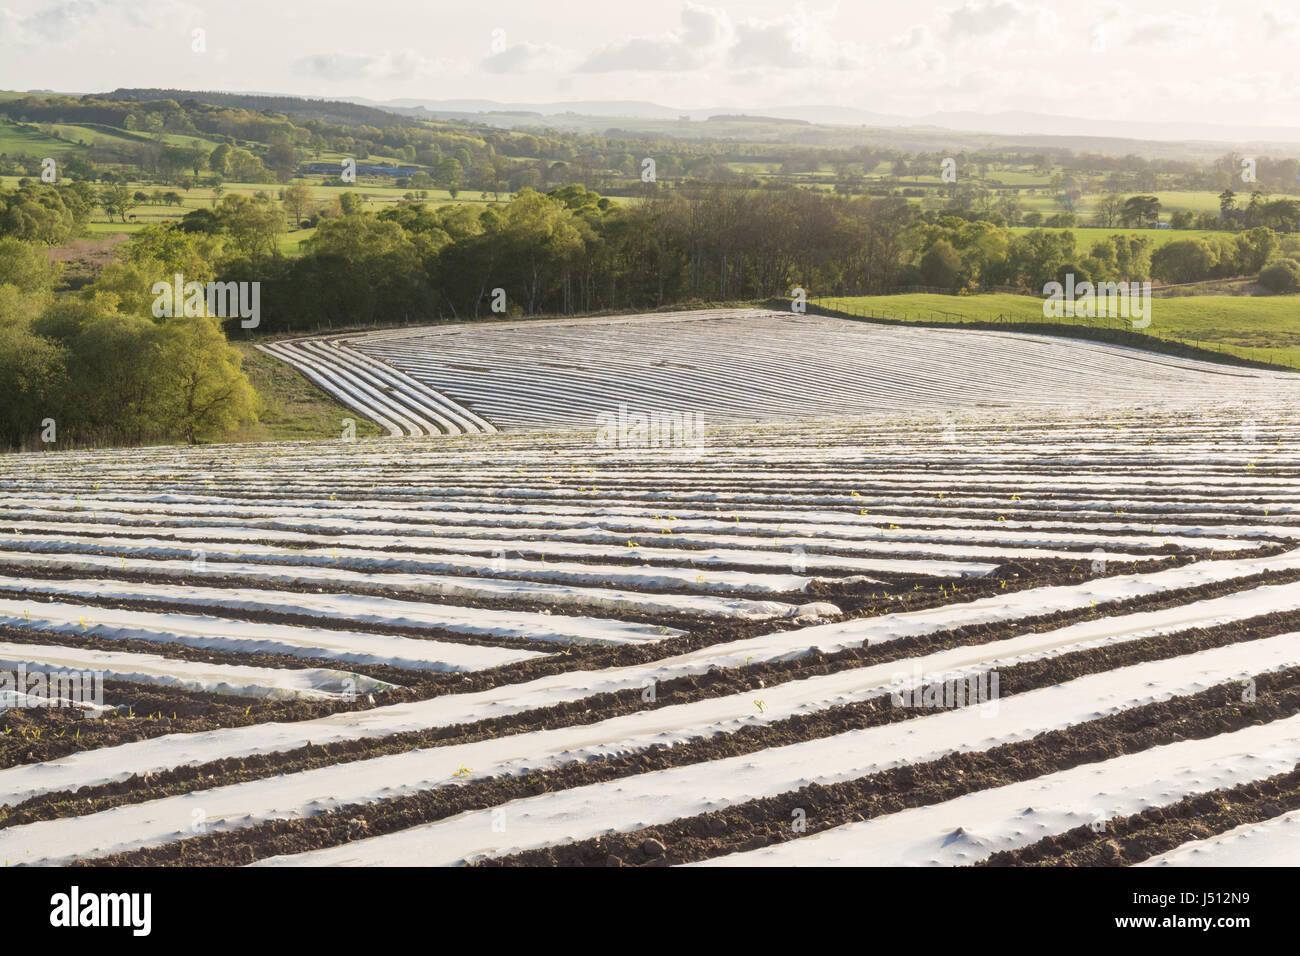 Plastica di telone di pacciamatura righe su campi protezione di colture - REGNO UNITO Immagini Stock